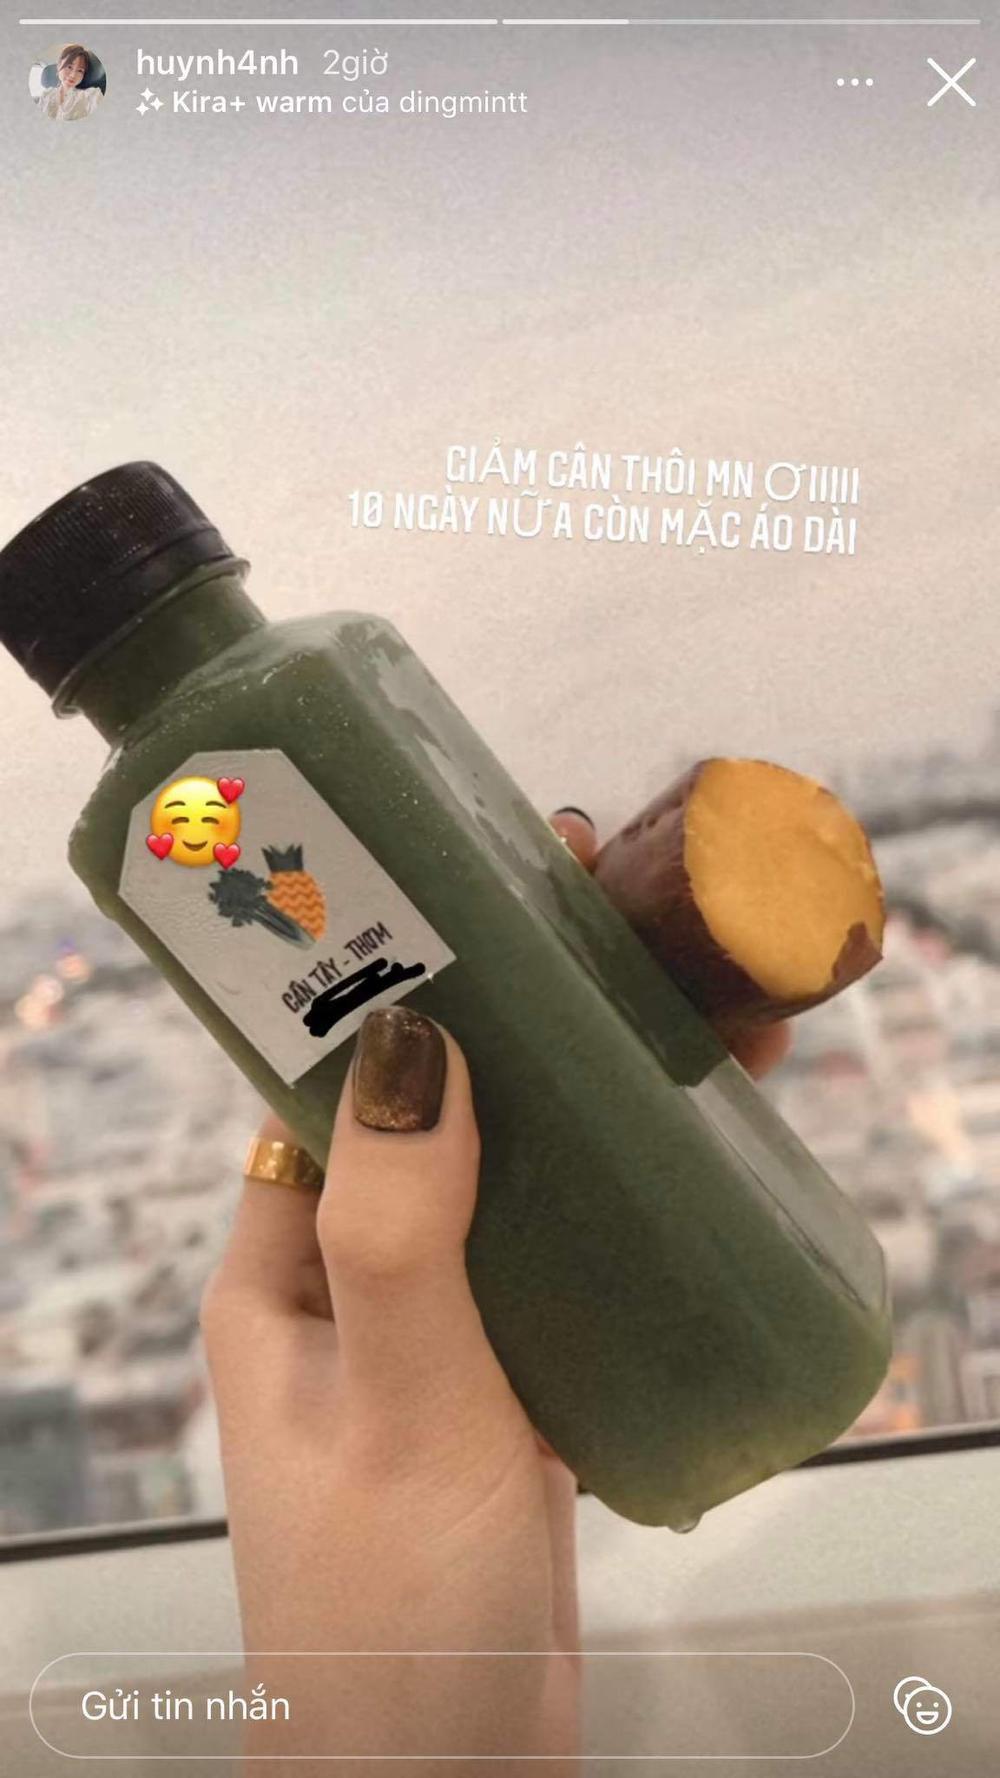 Huỳnh Anh- bạn gái cũ Quang Hải cấp tốc giảm cân bằng thực đơn không ai ngờ Ảnh 7